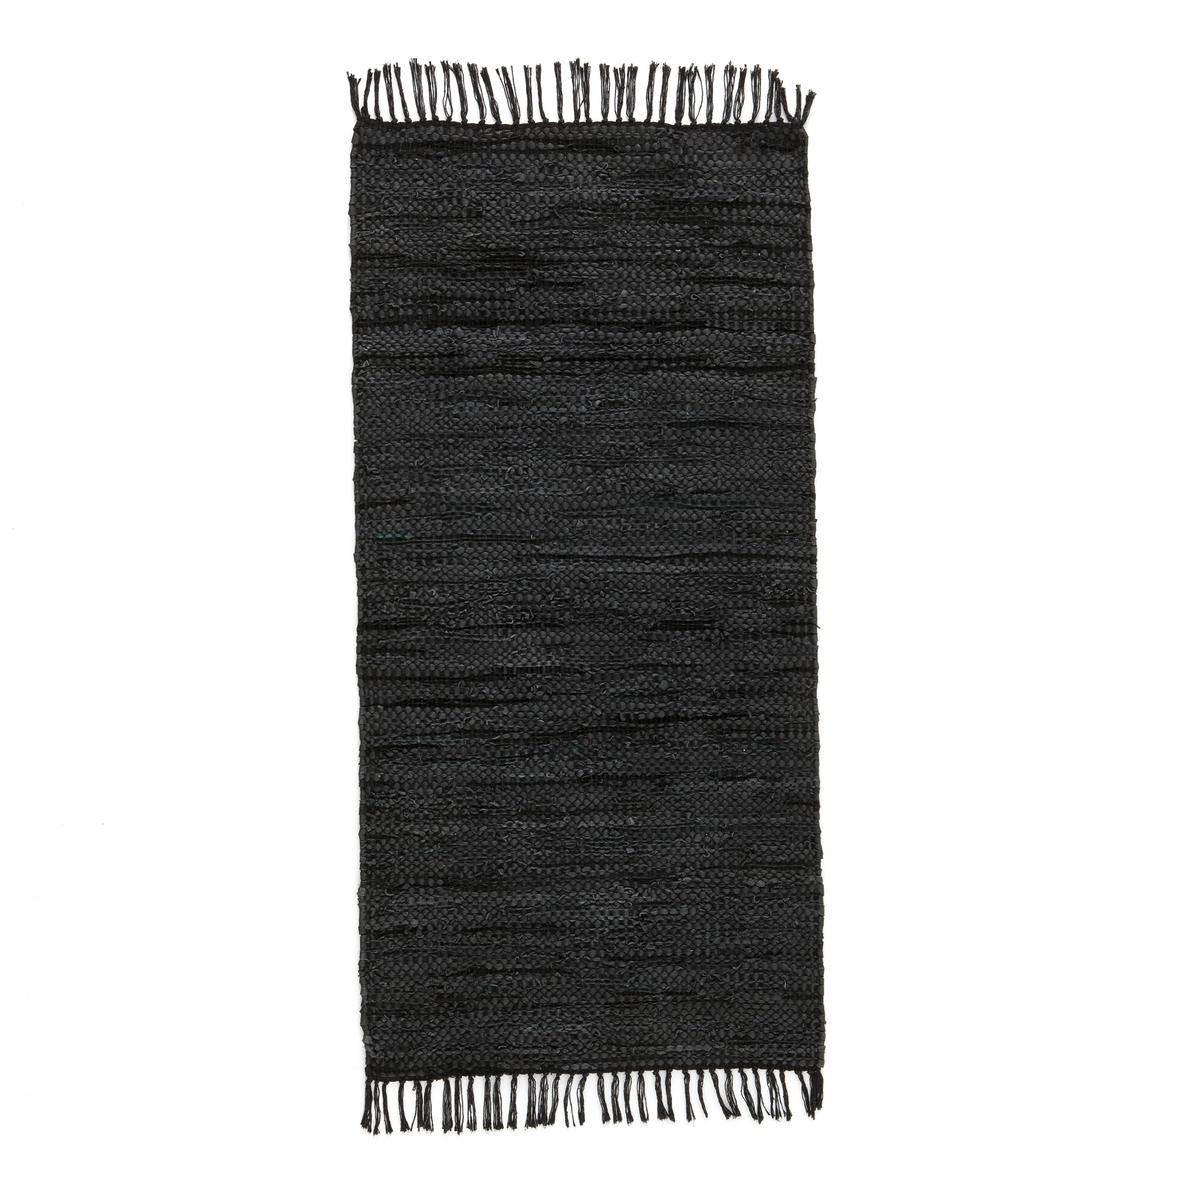 Ковровая дорожка или прикроватный коврик, LEKARОписание: Эта ковровая дорожка в богемном стиле украсит ваш интерьер . Красивый оригинальный материал из вторично переработанной кожи : нельзя остаться равнодушнымХарактеристики ковровой дорожки Lekar  Caract?ristiques du tapis de couloir Lekar :Ковер из вторично переработанной кожи : 90% кожи, 10% хлопка Соткан вручную, 1800 г/м?Отделка бахромойНайдите другие ковры на сайте laredoute.ruРазмеры ковровой дорожки Lekar :70 x 140 смДоставка :Ковер Lekar будет доставлен до вашей квартиры  !Внимание ! Убедитесь, что посылку возможно доставить на дом, учитывая ее габариты.<br><br>Цвет: черный